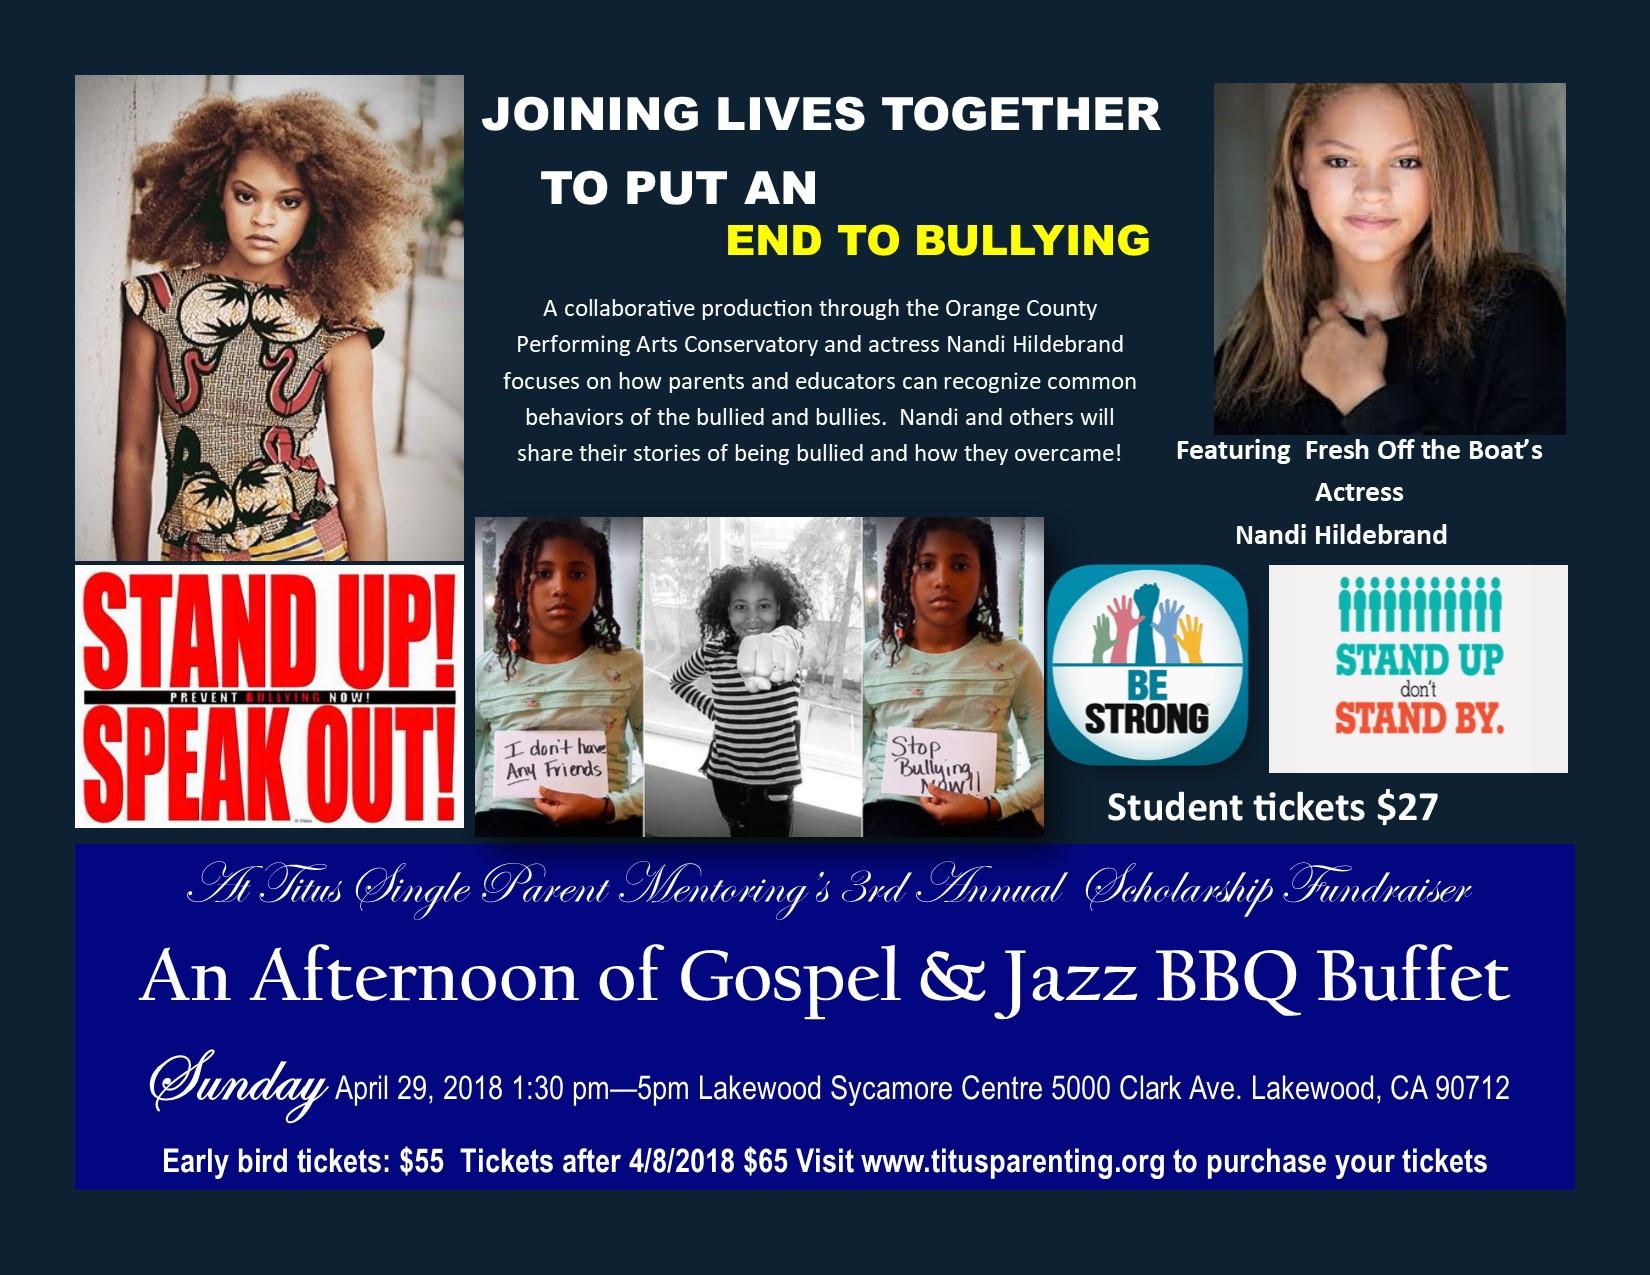 An Afternoon of Gospel & Jazz Titus Single Parent Mentoring 2018 Gala